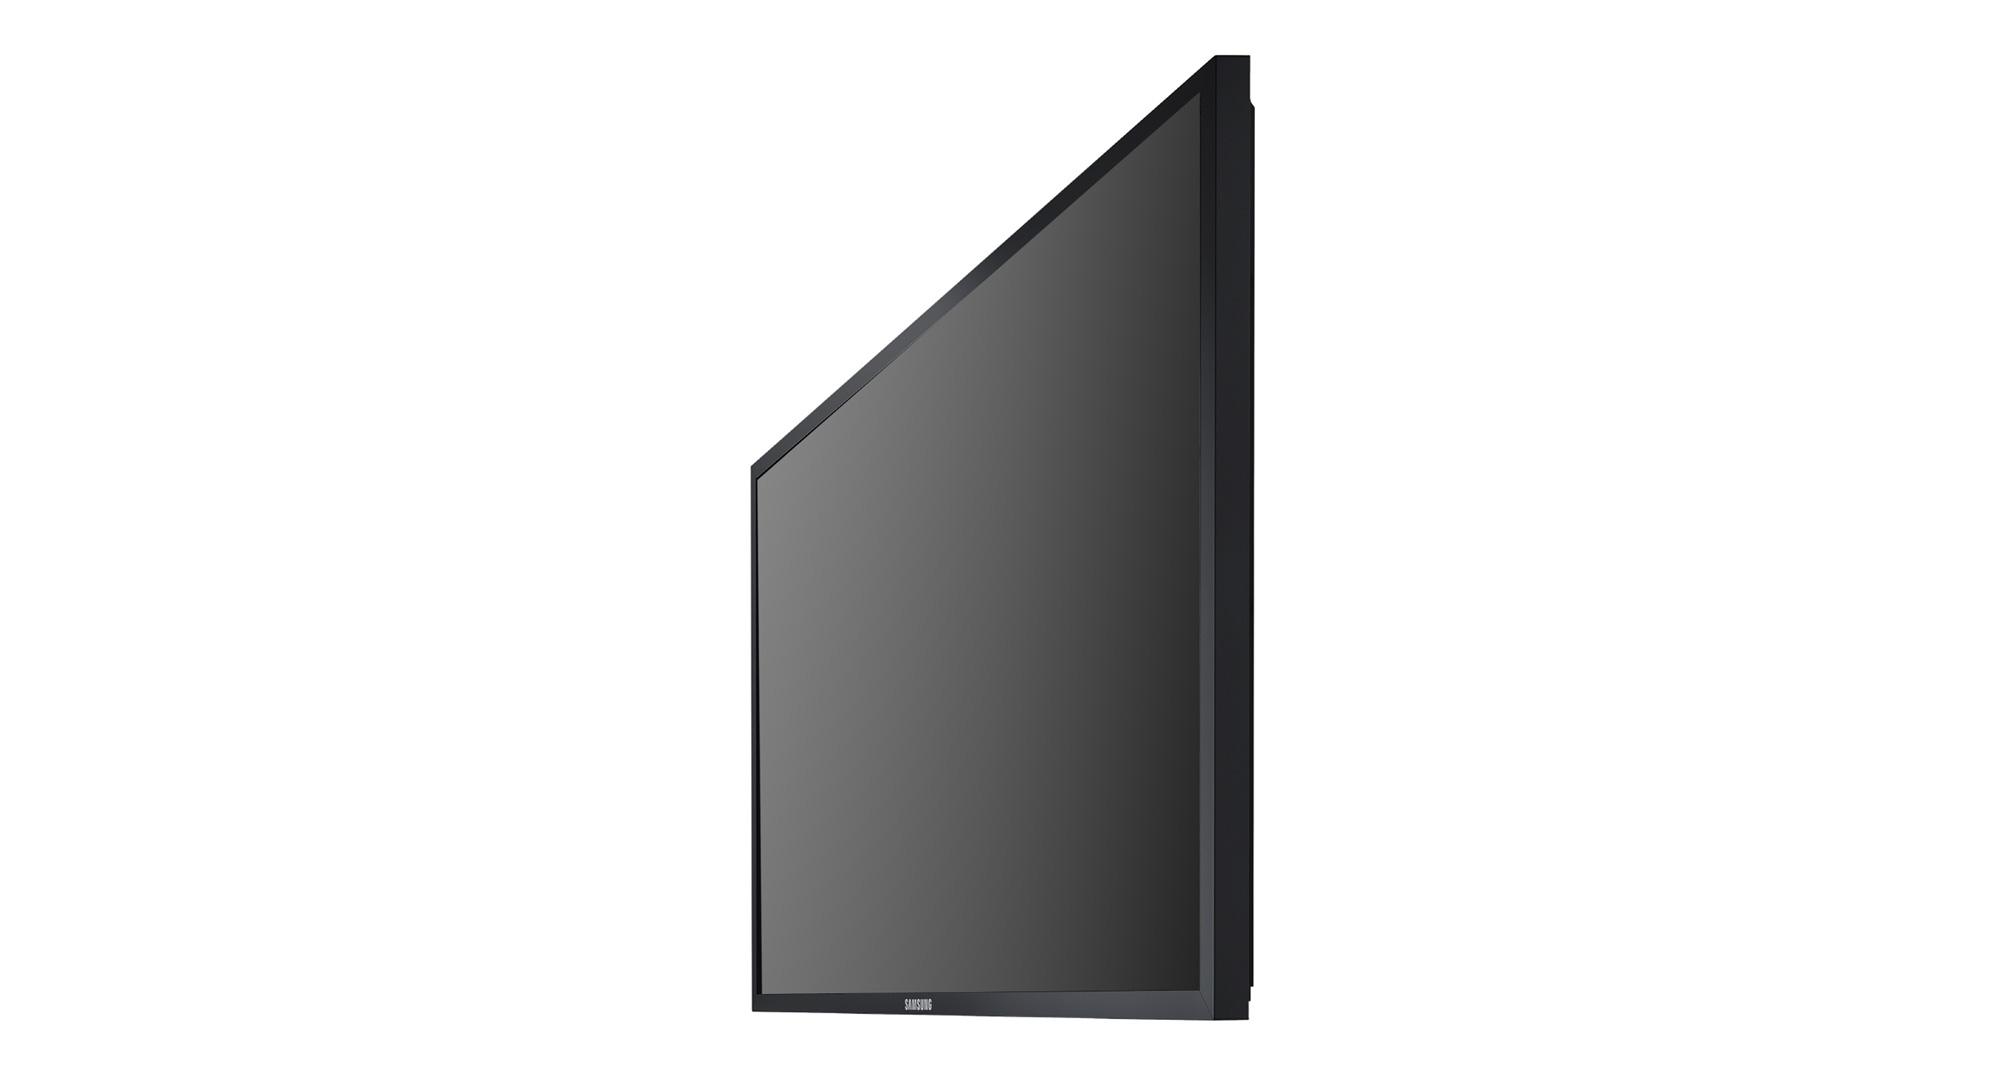 Samsung-DM85E-BR-left-45.jpg